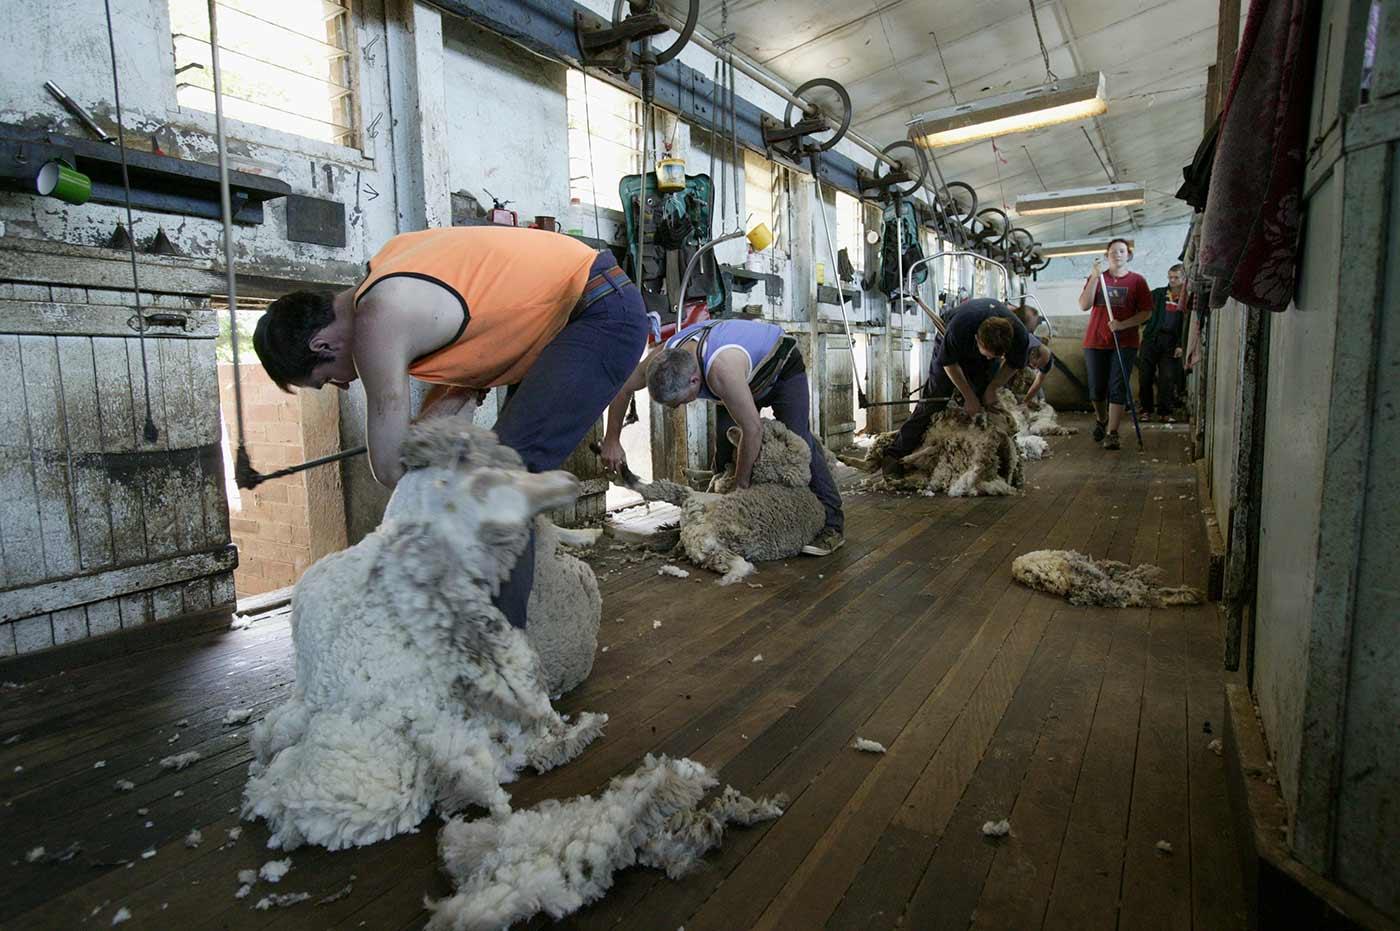 Shearers at work shearing sheep. - click to view larger image